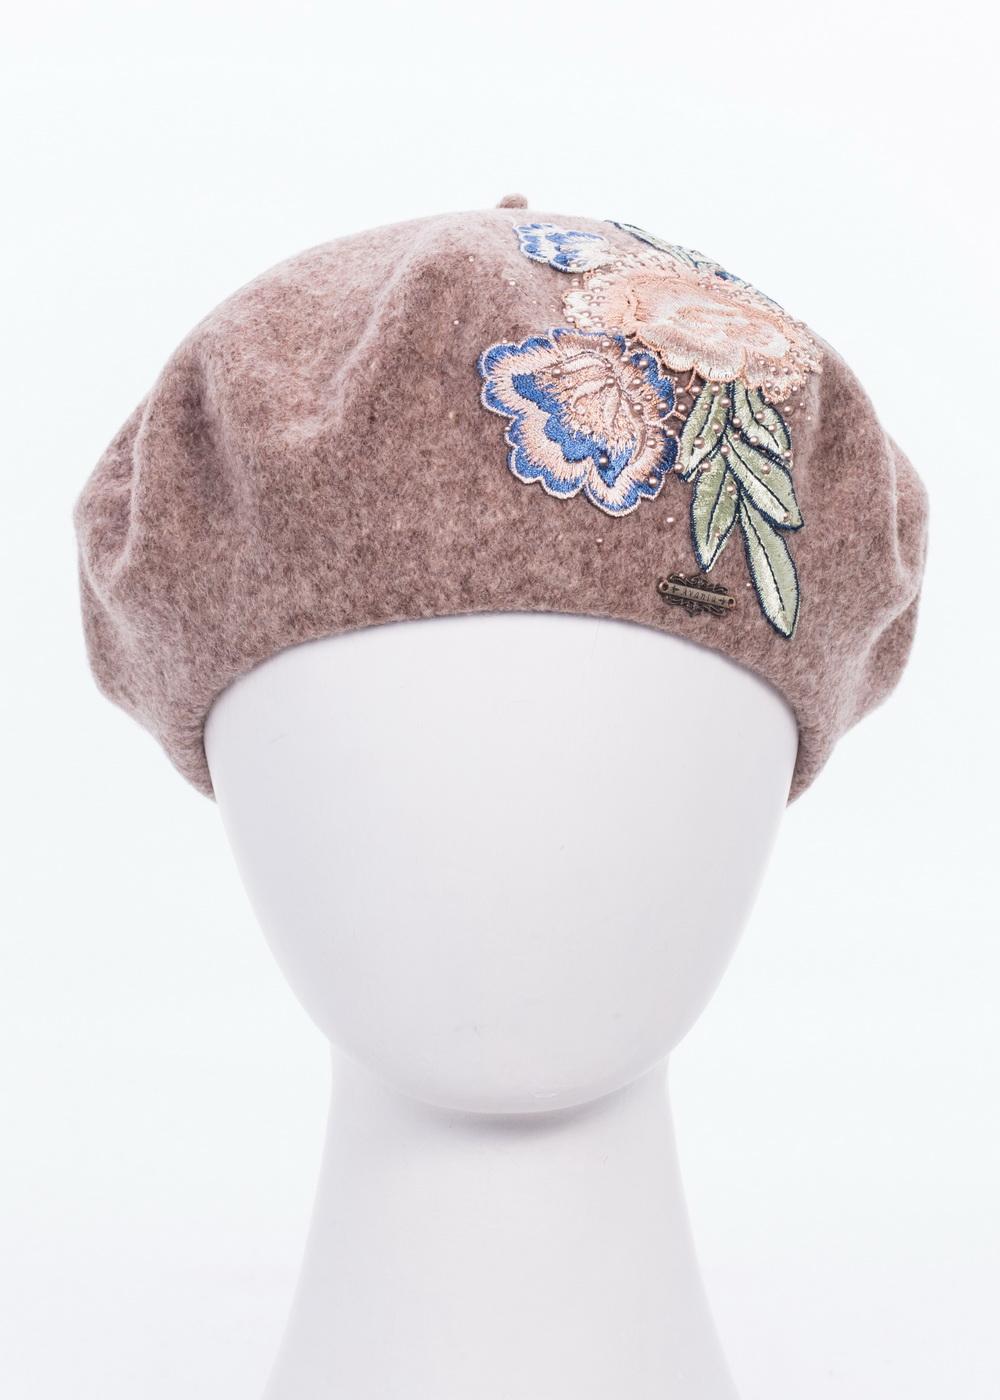 992934Теплый берет Avanta Mirella, выполненный из натуральной шерсти, отлично дополнит ваш образ в холодную погоду. Модель оформлена оригинальной нашивкой из цветов и стразами. Такой берет, составит идеальный комплект с модной верхней одеждой, в нем вам будет уютно и тепло! Уважаемые клиенты! Размер, доступный для заказа, является обхватом головы.